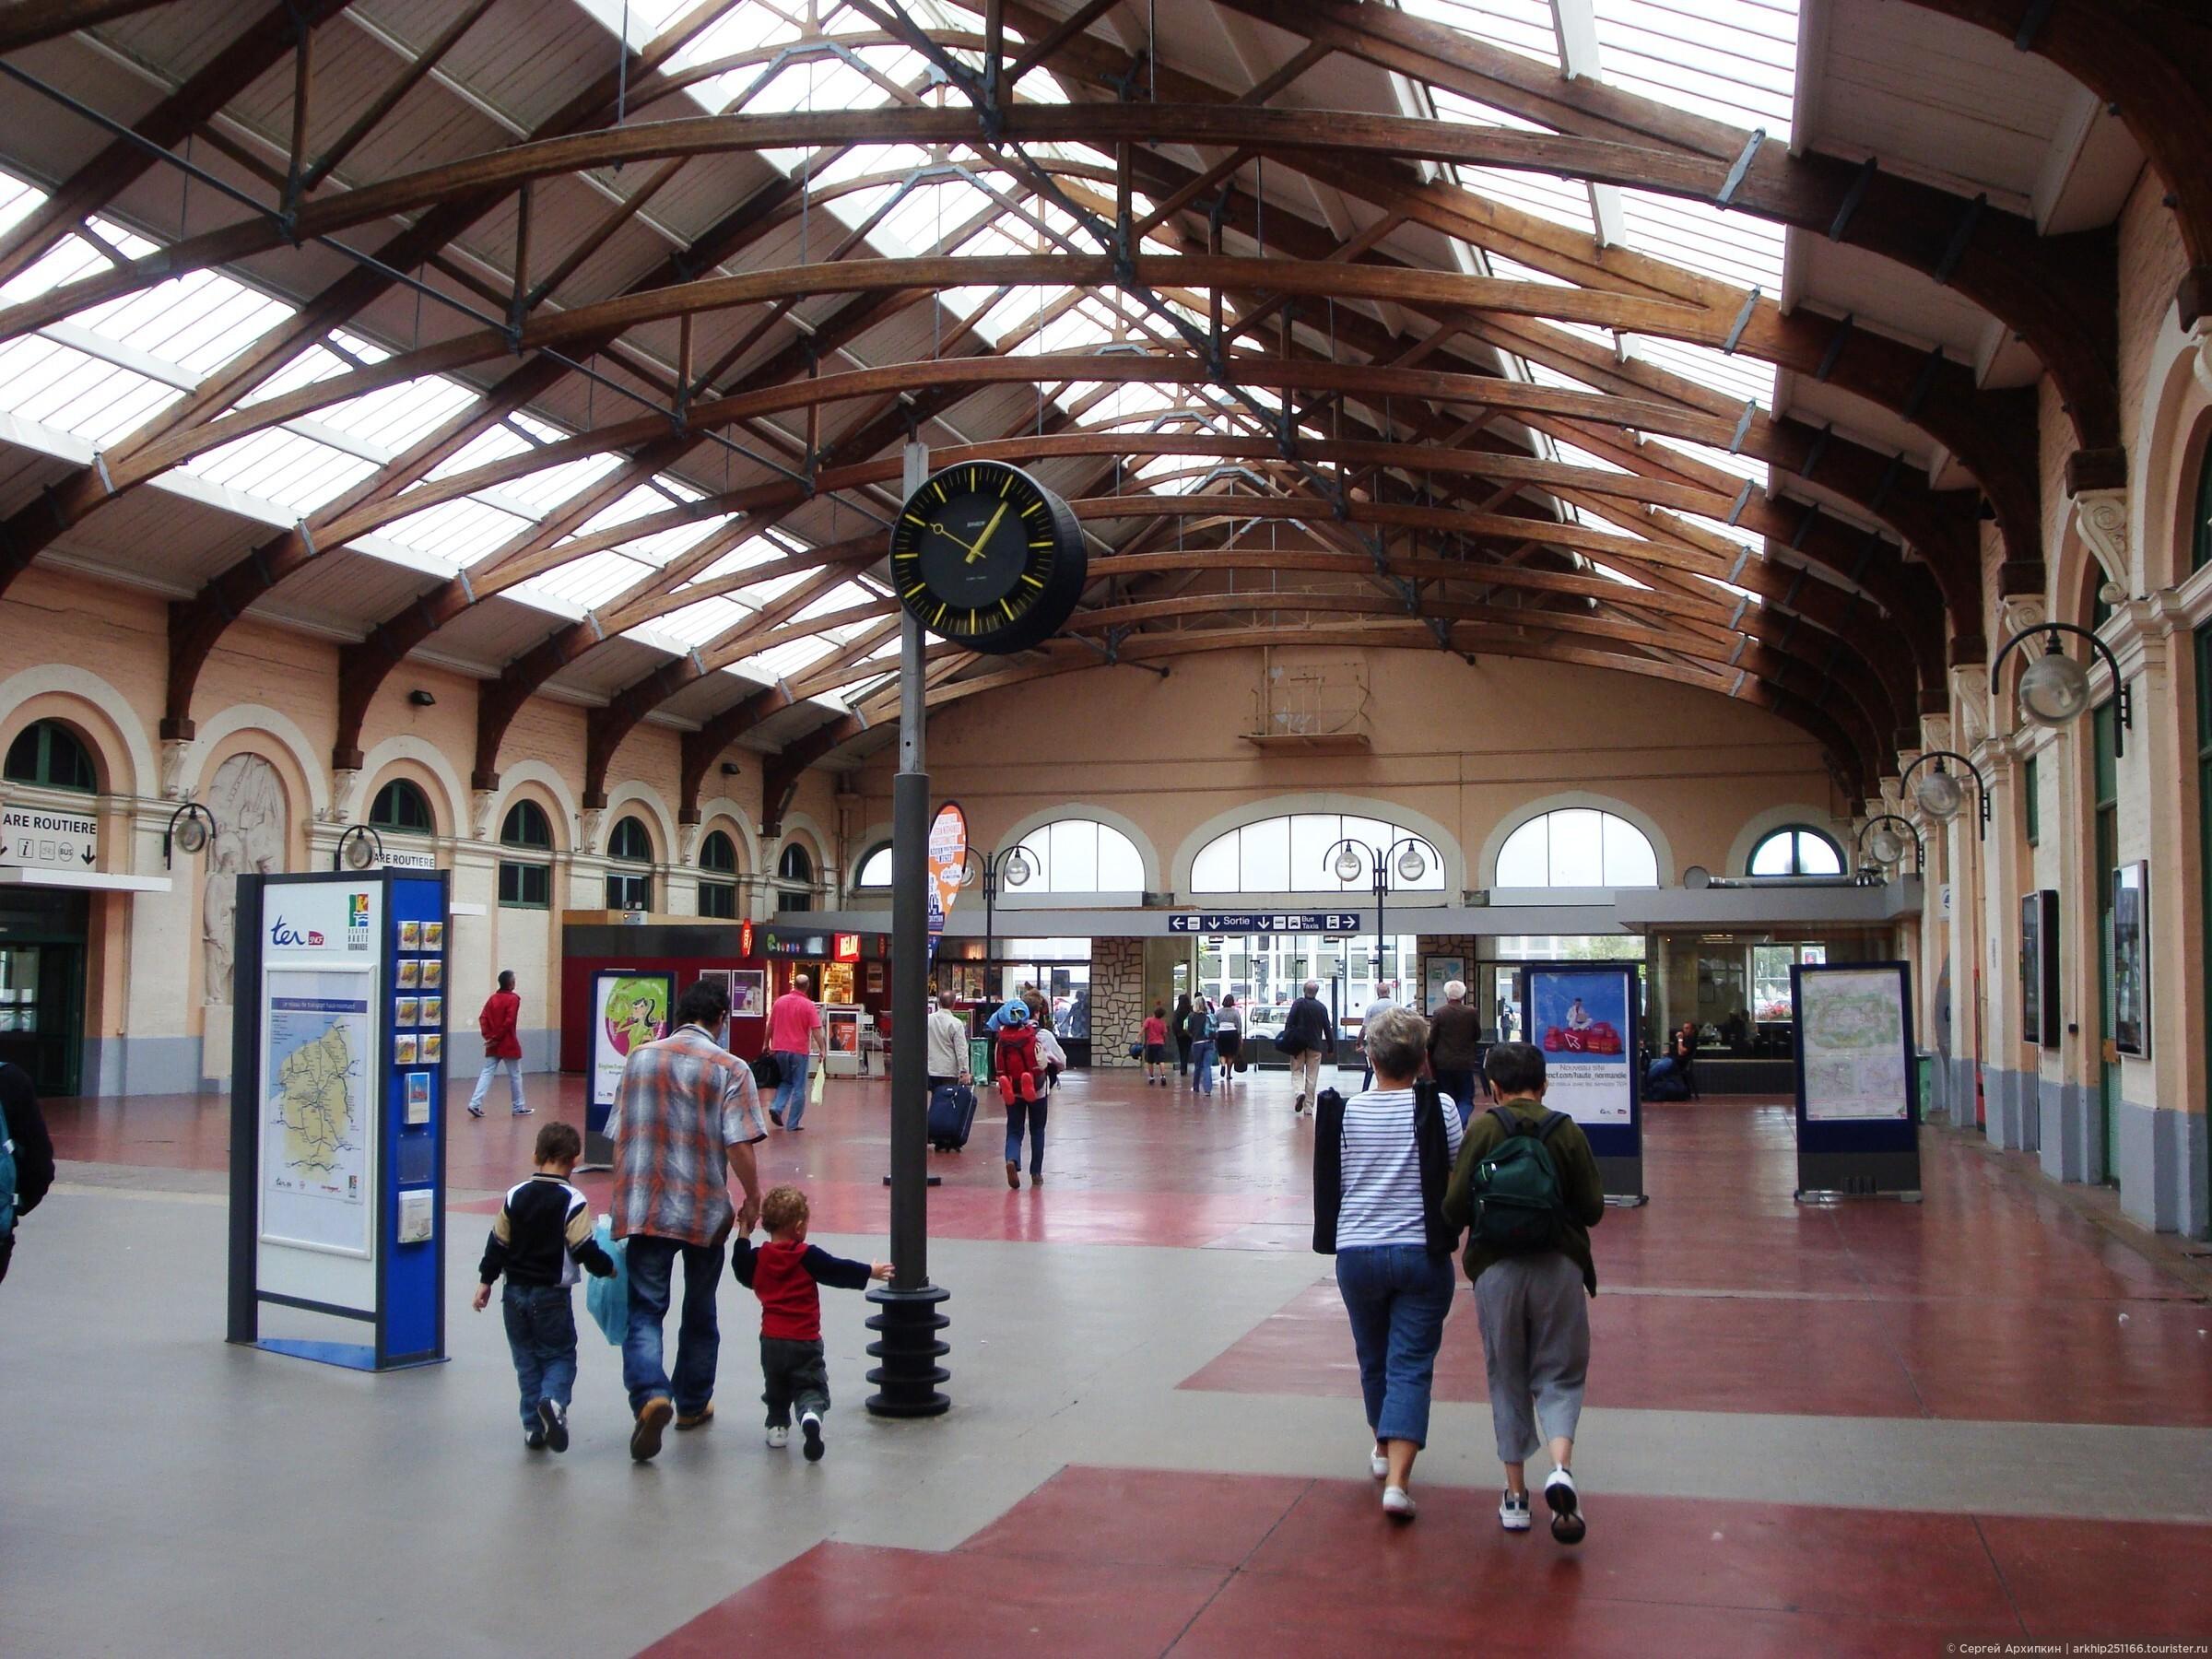 Вокзал Дьеппа, В Дьеп — город в Нормандии на берегу Ла-Манша